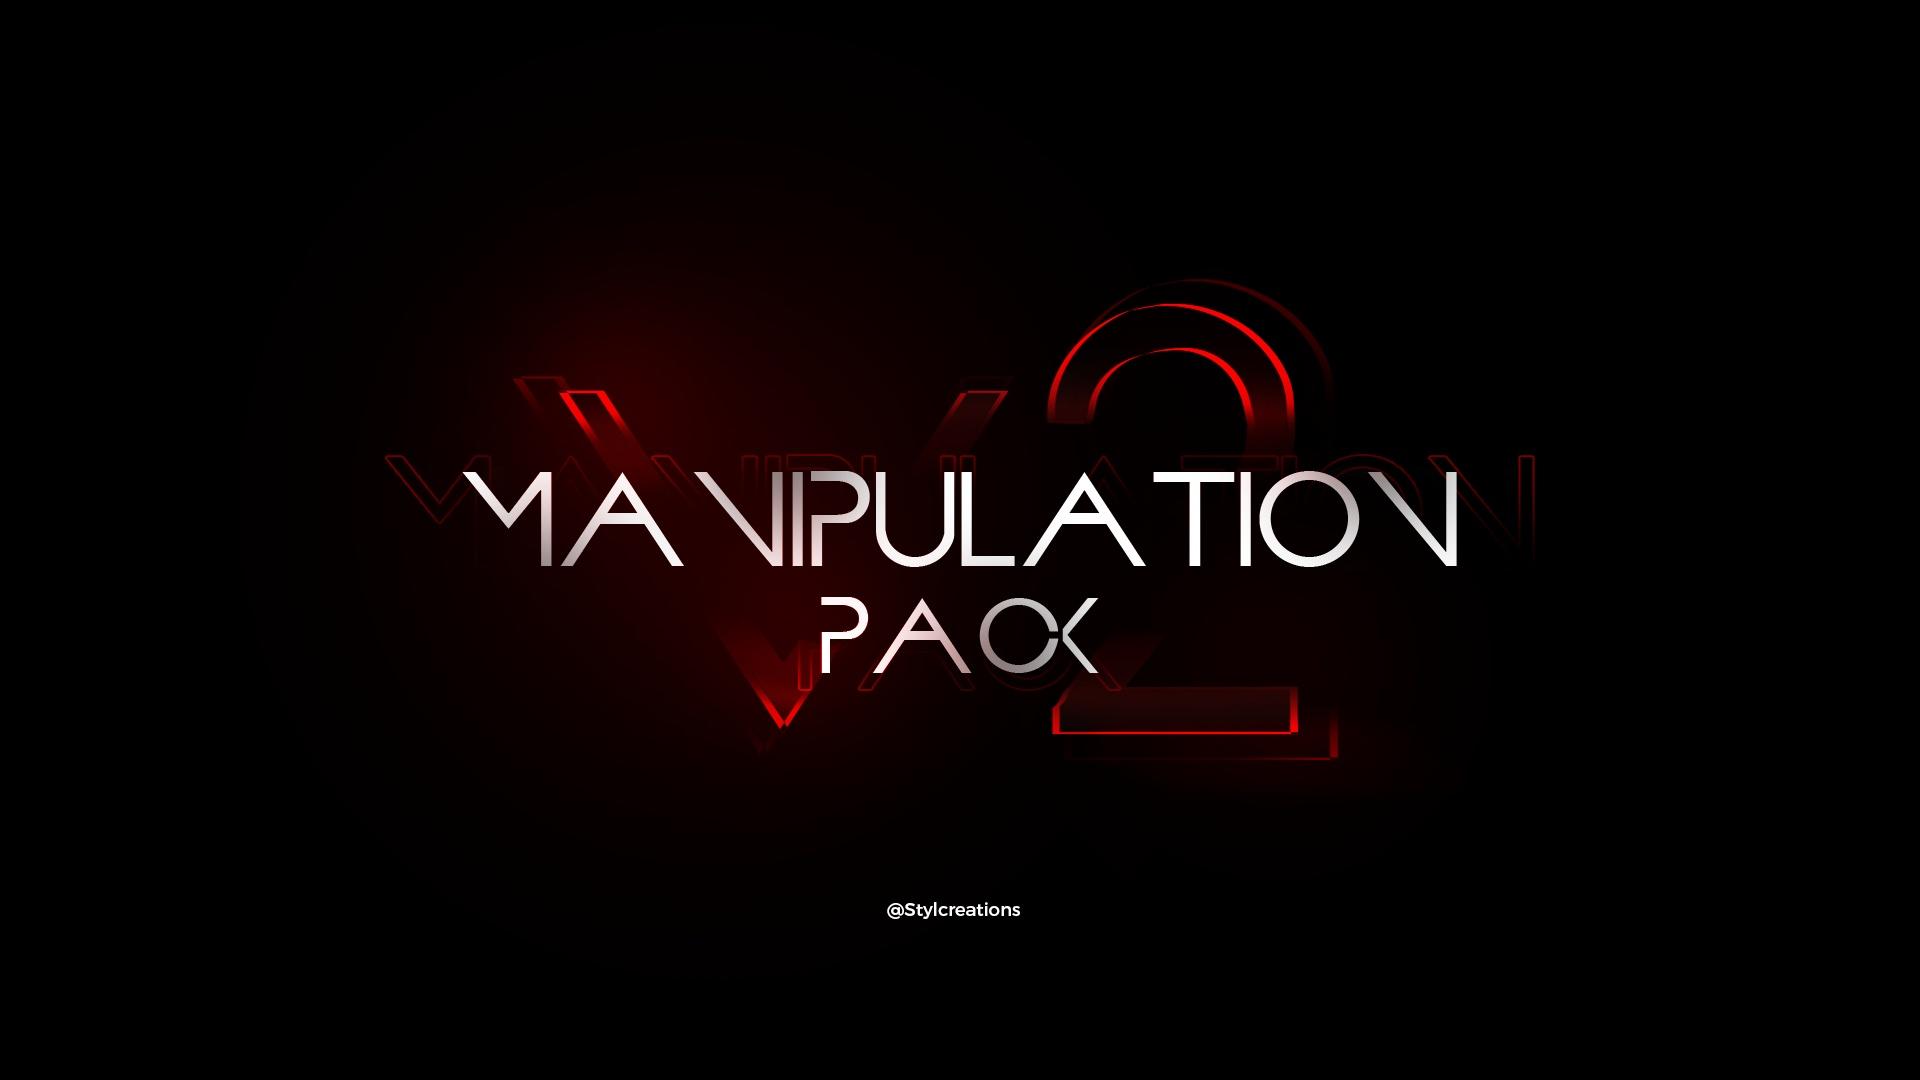 Manipulation Pack V2